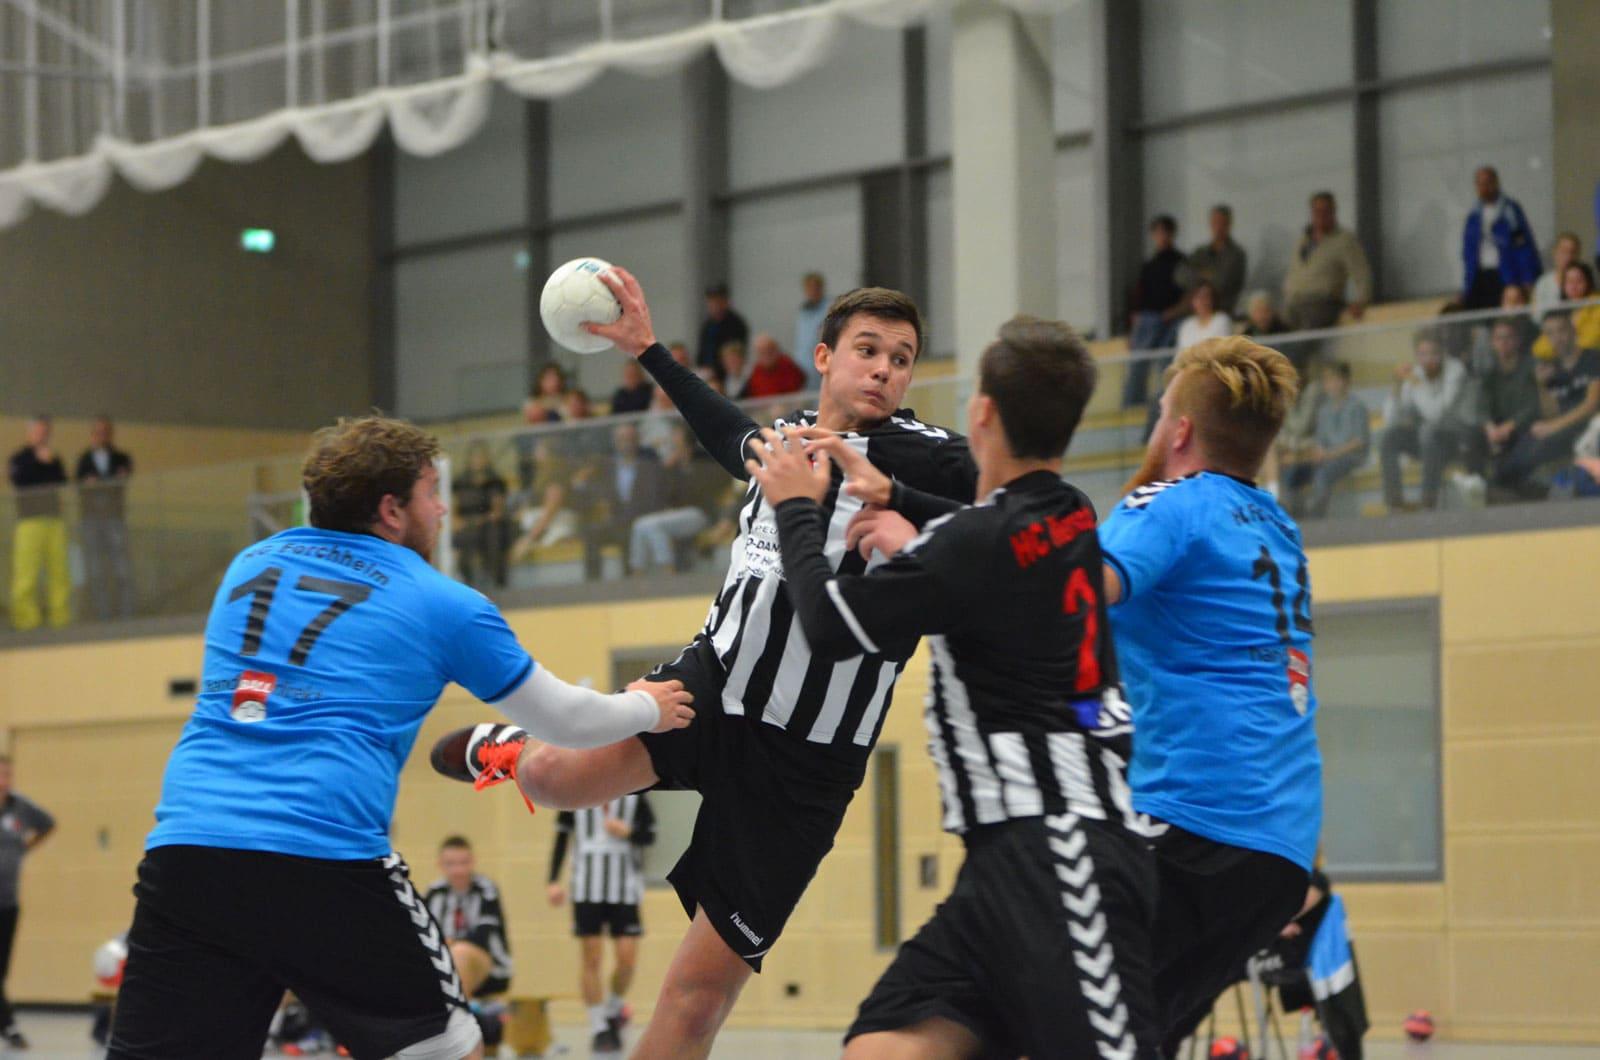 Erwachsenen Handball Sprungwurf